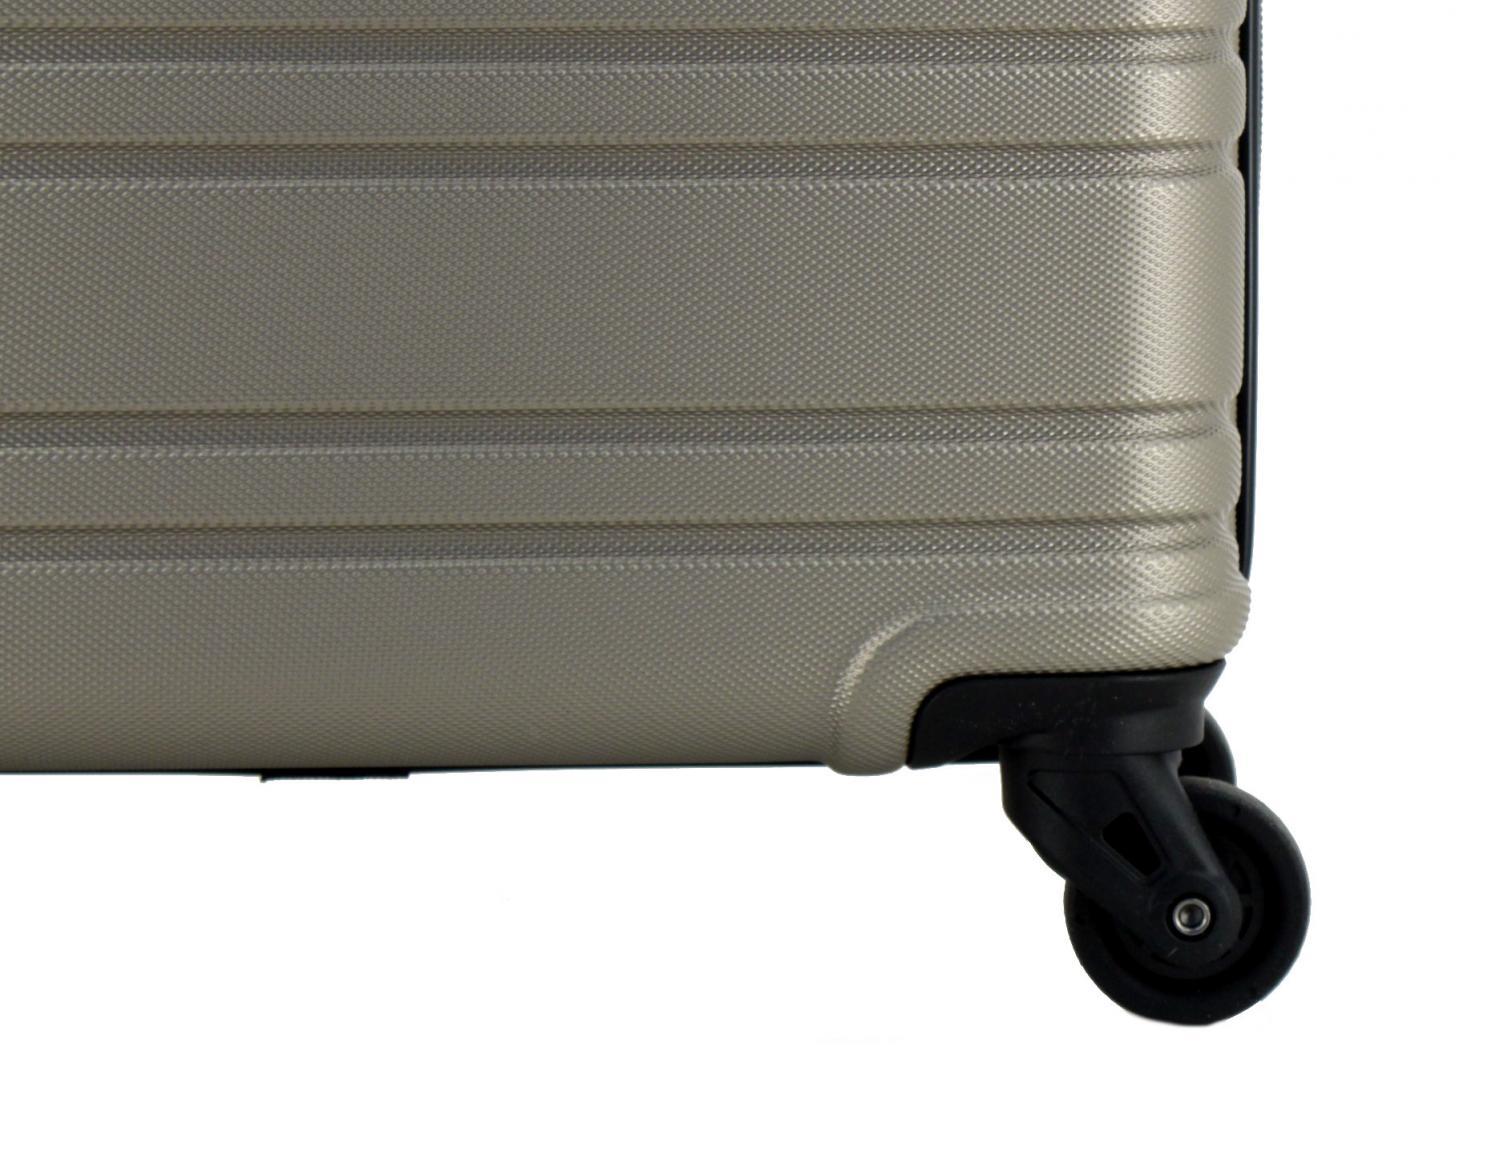 Koffertrolley dunkelblau erweiterbar Travelite Roadtrip M 67cm